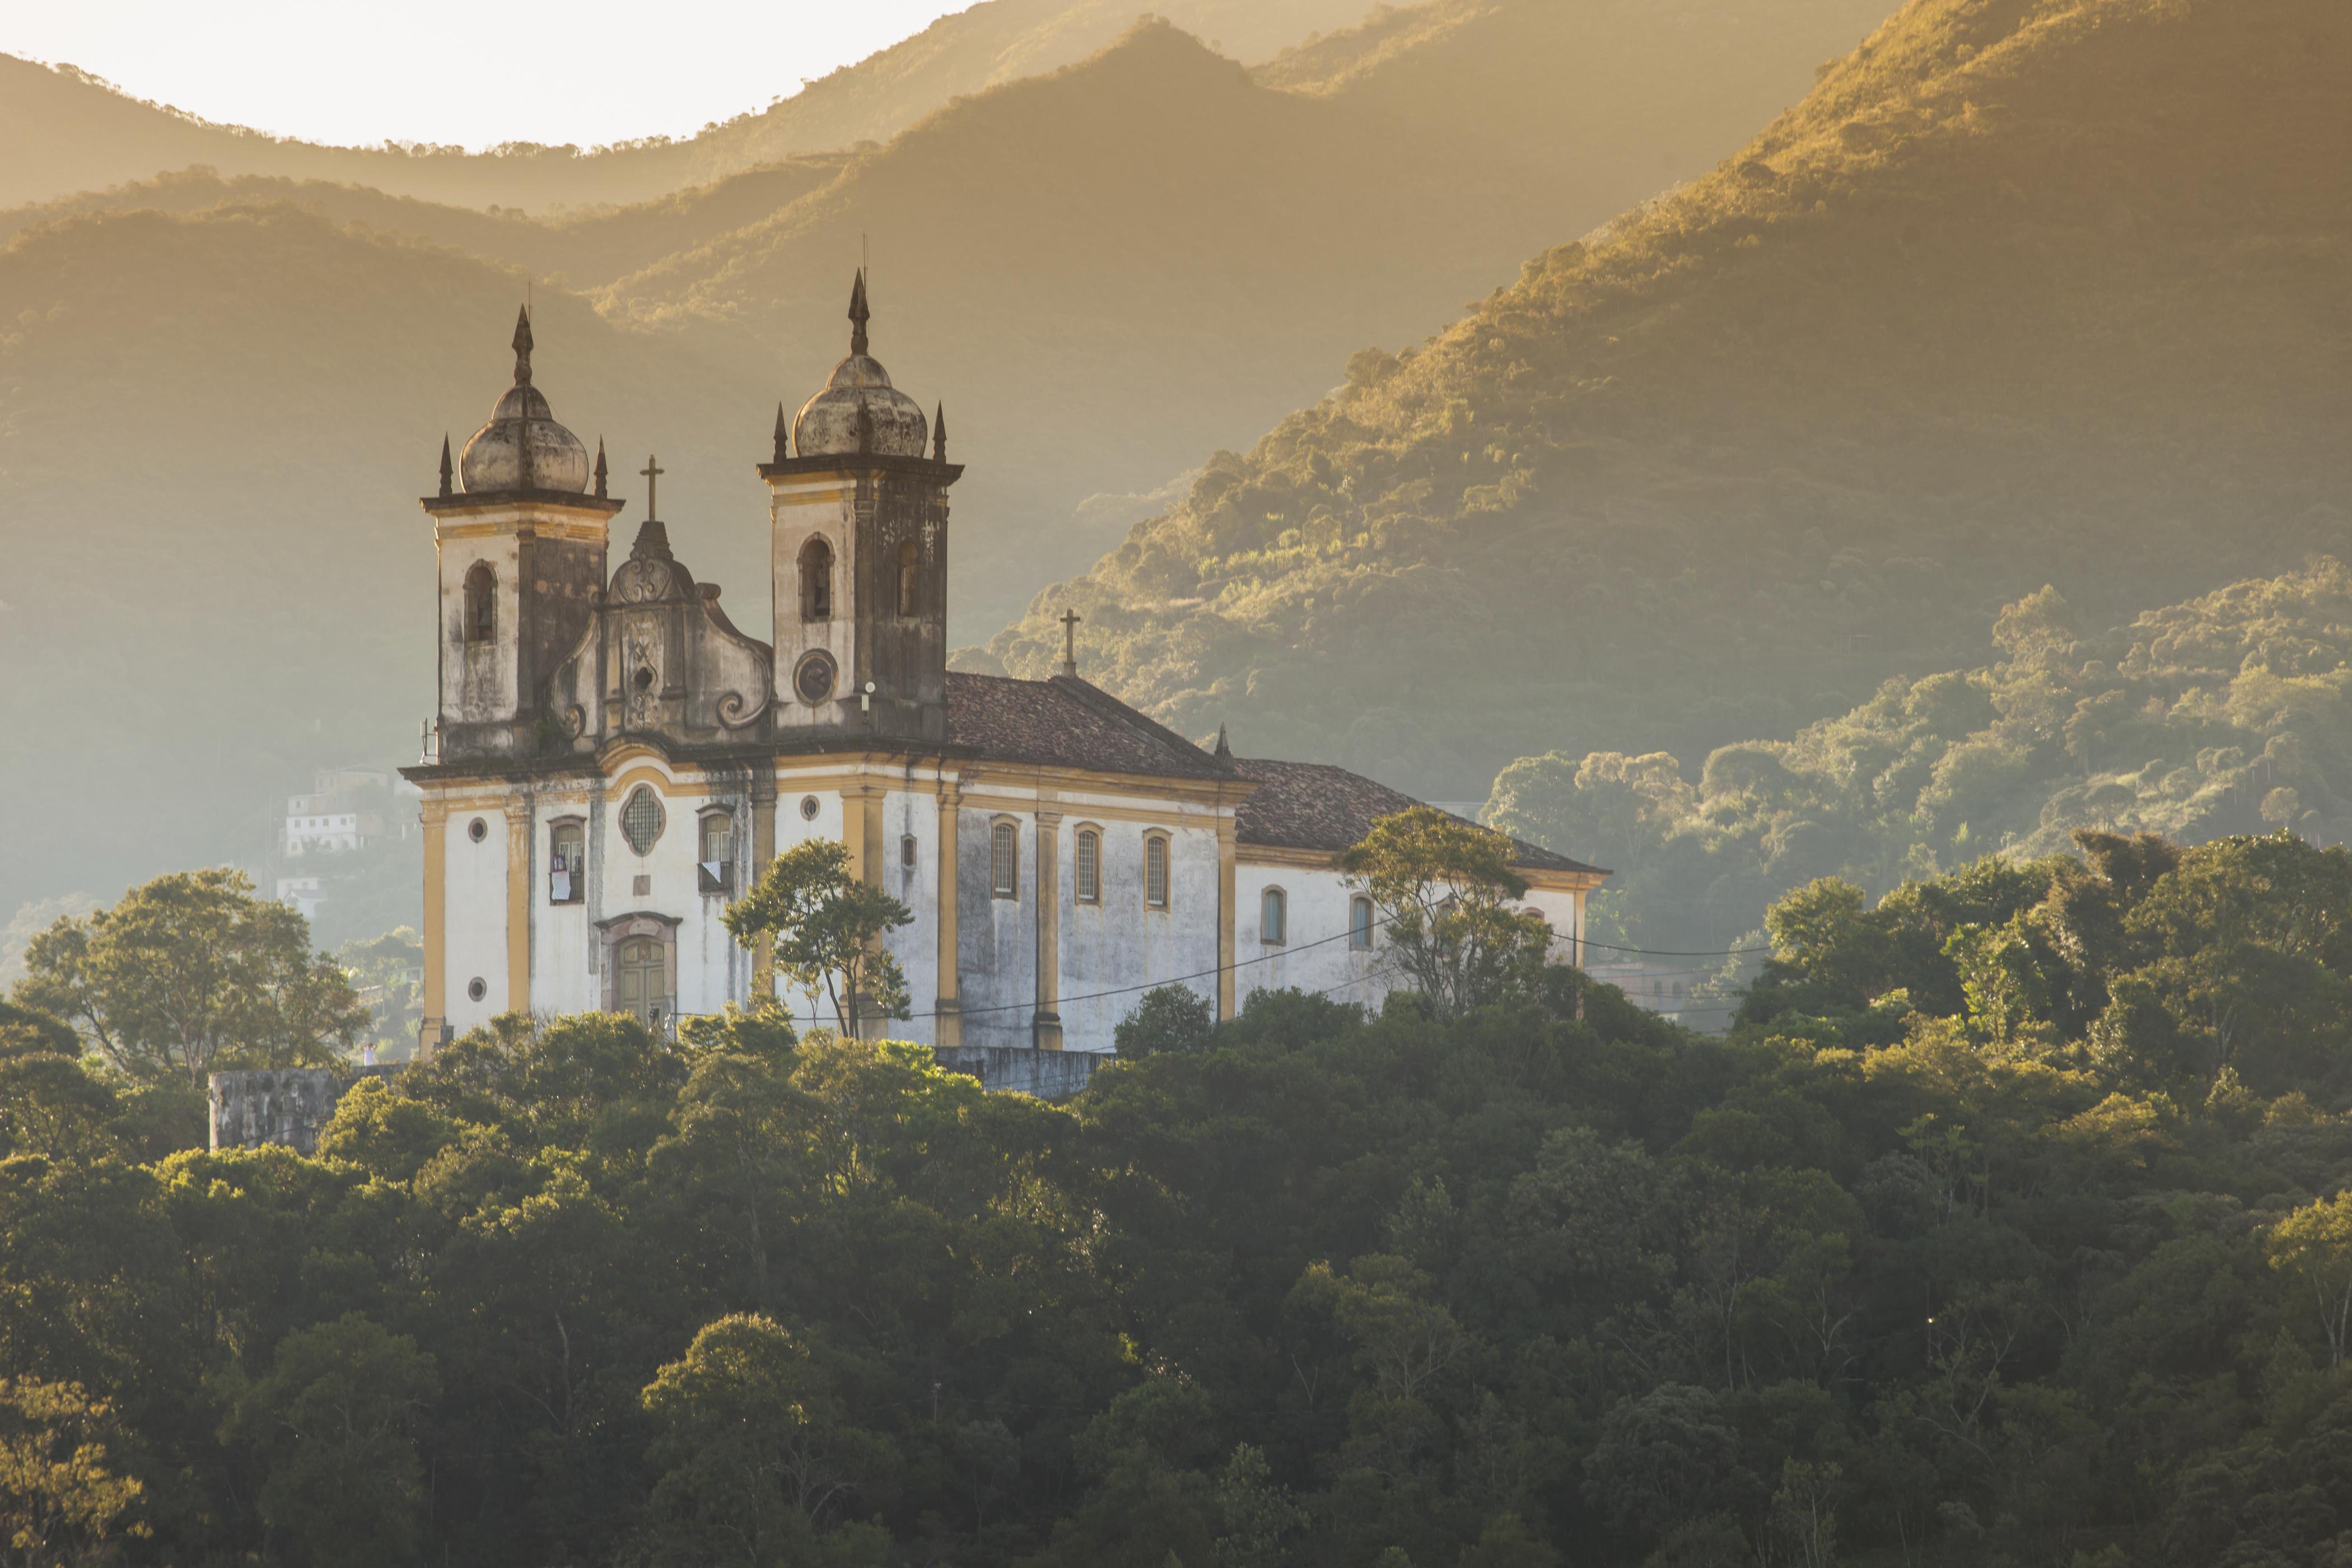 Igreja São Francisco de Paula, Ouro Preto, Minas Gerais